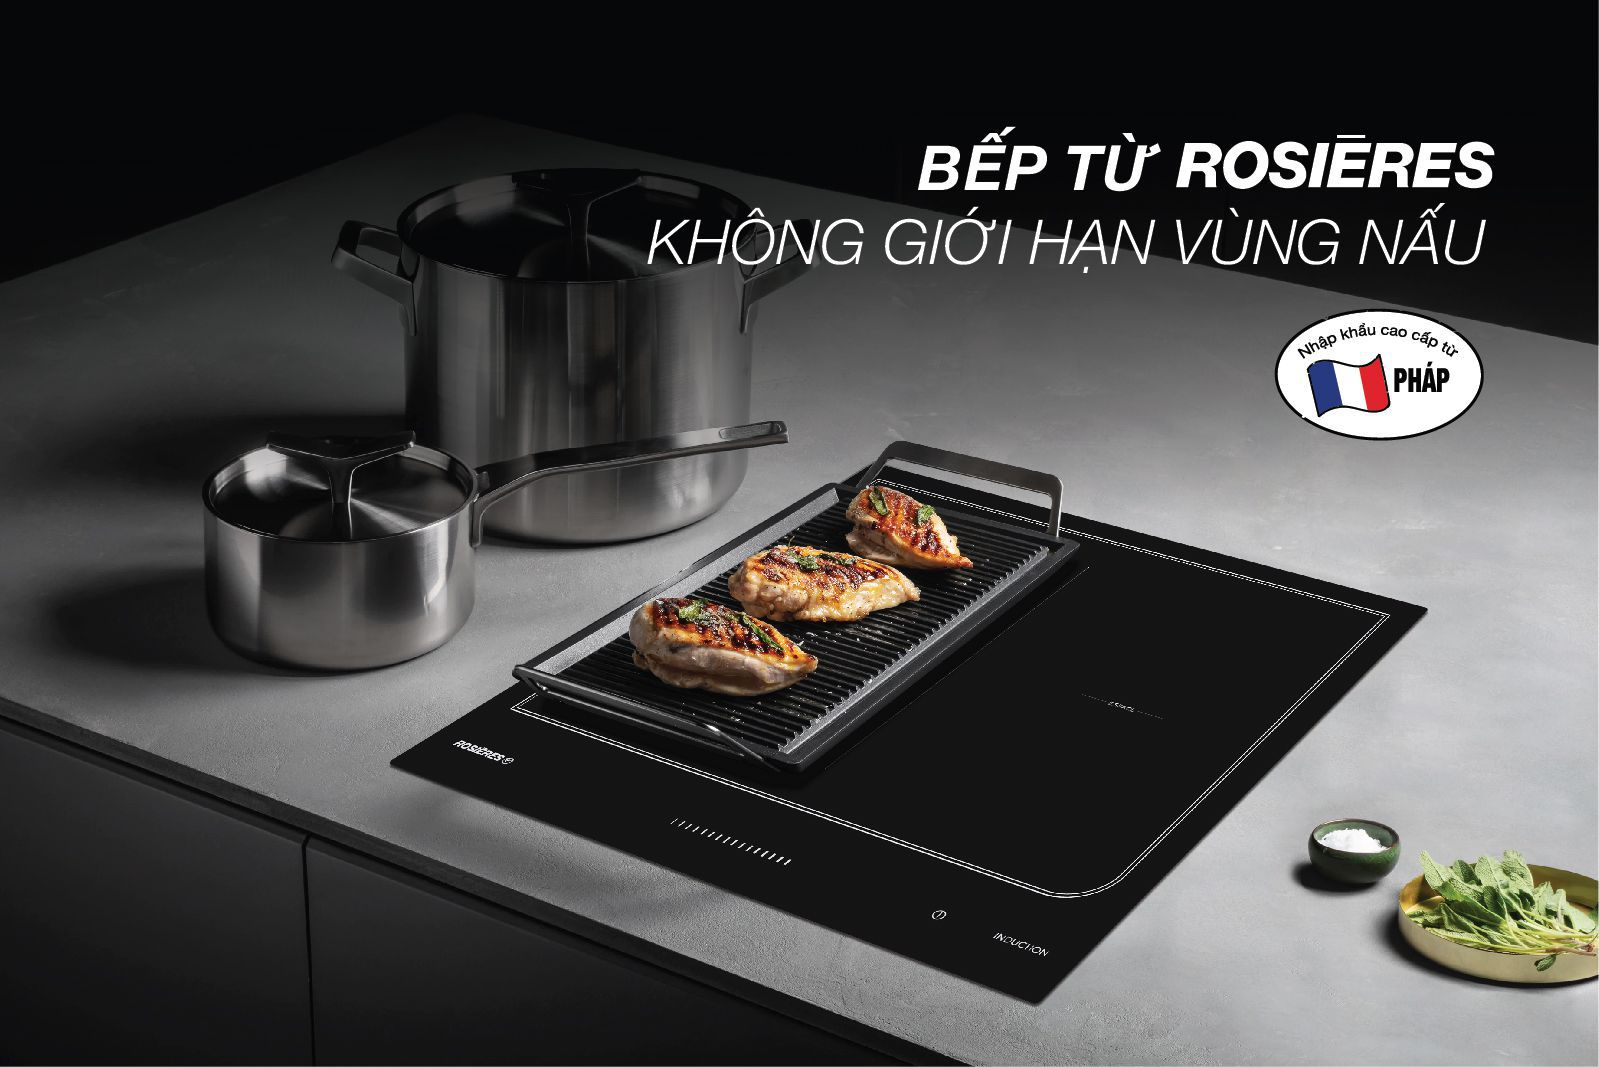 Bếp từ không giới hạn vùng nấu ROSIERES RES6D 2 – 4 vùng nấu với diện tích linh hoạt Mặt bếp bằng gốm kính cao cấp Euro – Kera của Pháp Bảng điều khiển cảm ứng thông minh, dạng Slide Touch Màn hình hiển thị điện tử với 15 cấp độ nấu Chức năng Booster, hẹn giờ, nhận diện nồi, nấu tiết kiệm điện, giữ ấm, khóa an toàn trẻ nhỏ, cảnh báo nhiệt dư Kích thước mặt bếp: 590 x 520mm Kích thước khoét lỗ đá: 560 x 490mm Kích thước lò nấu – công suất: 40 x 22cm -1800W( booster 3000W), 20x22cm – 1800W( booster 3000W) Điện: 7200W Nguồn điện: 220 – 240V Xuất xứ: Pháp